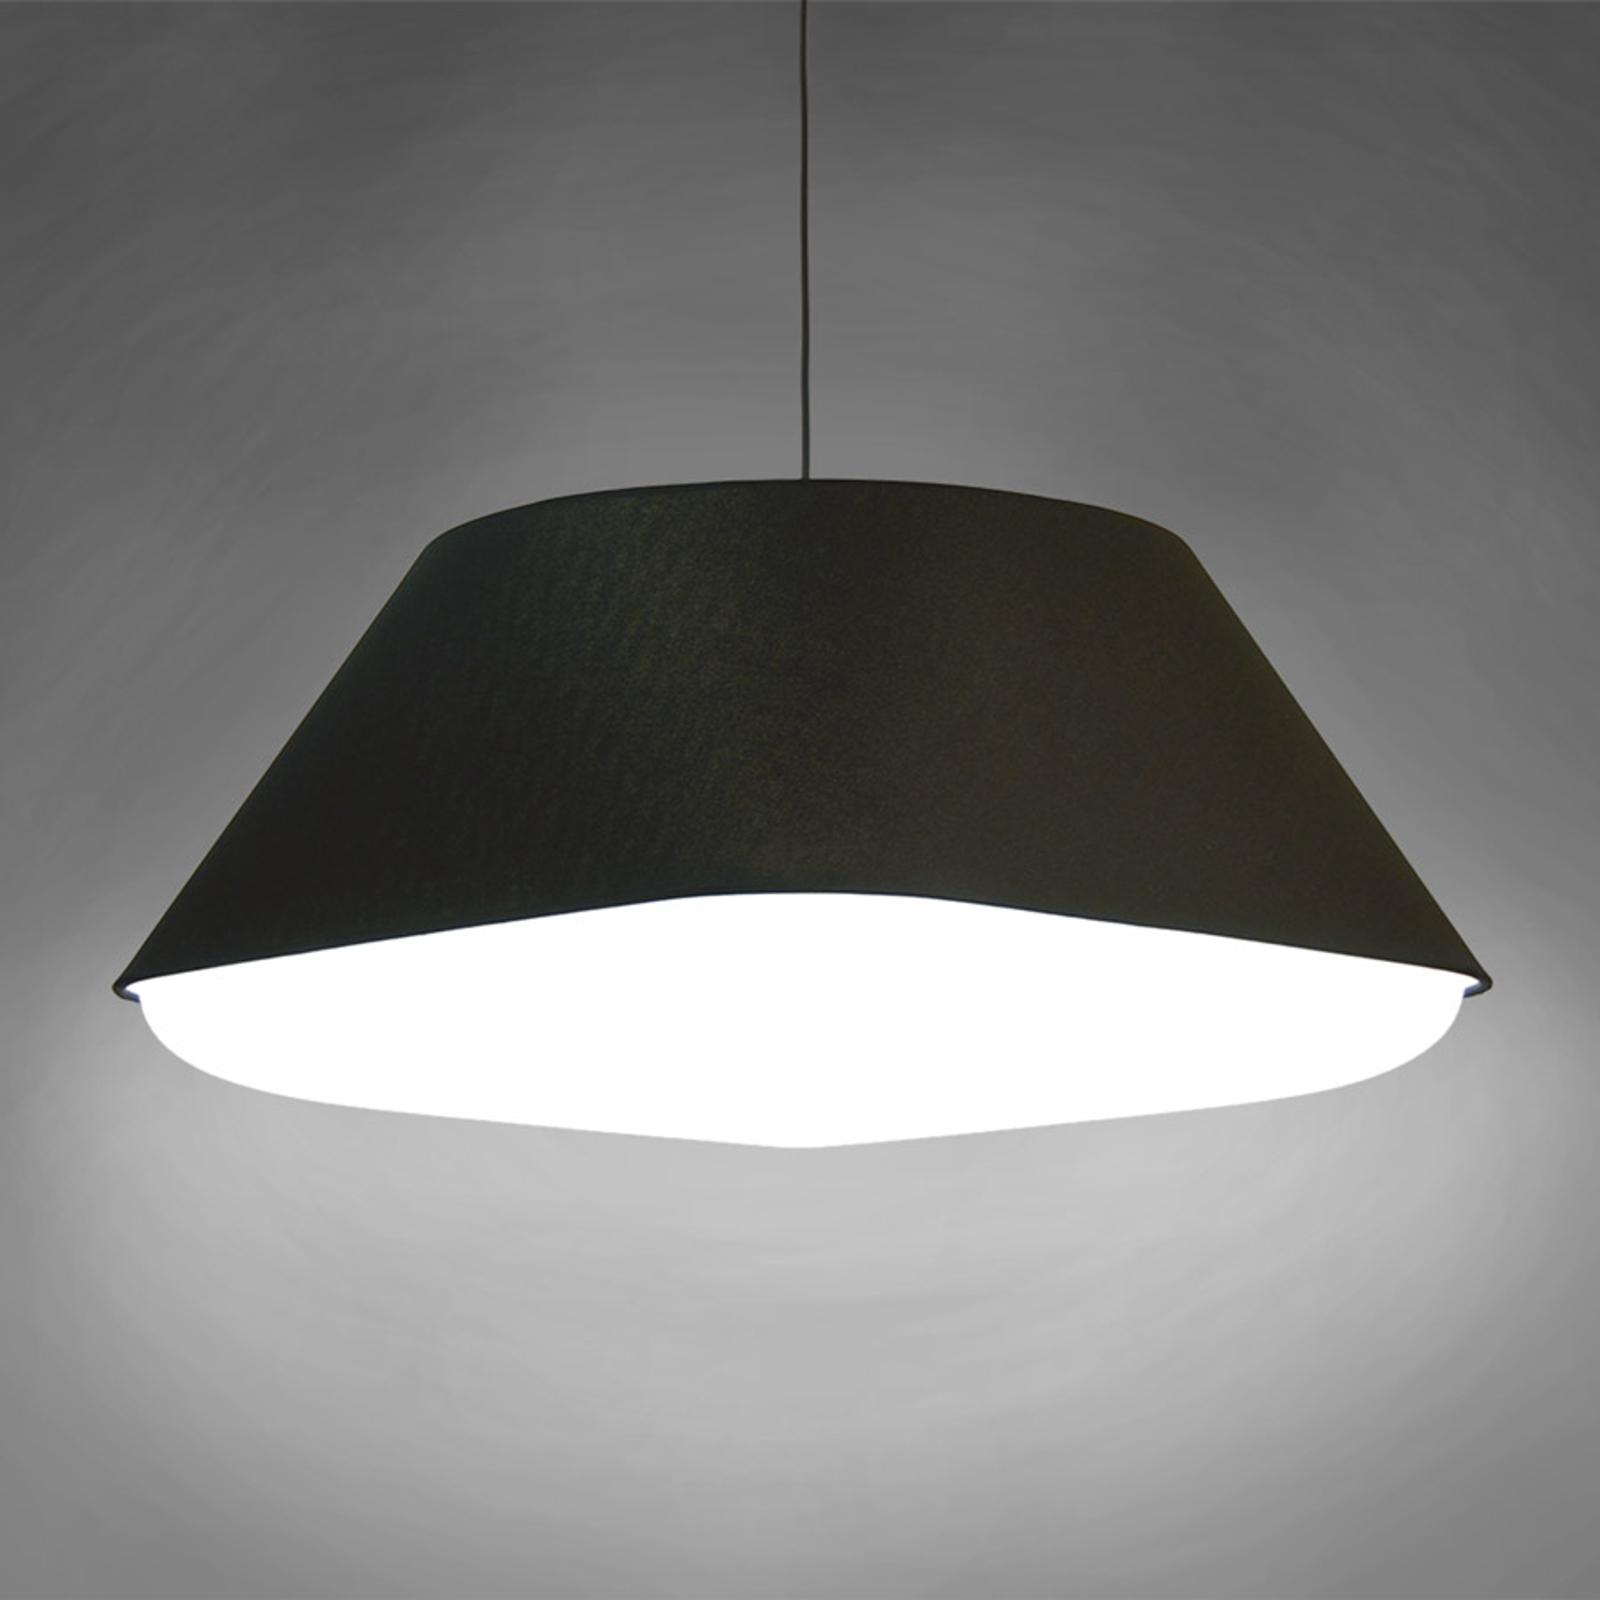 Innermost RD2SQ 60 -tekstylna lampa wisząca czarna